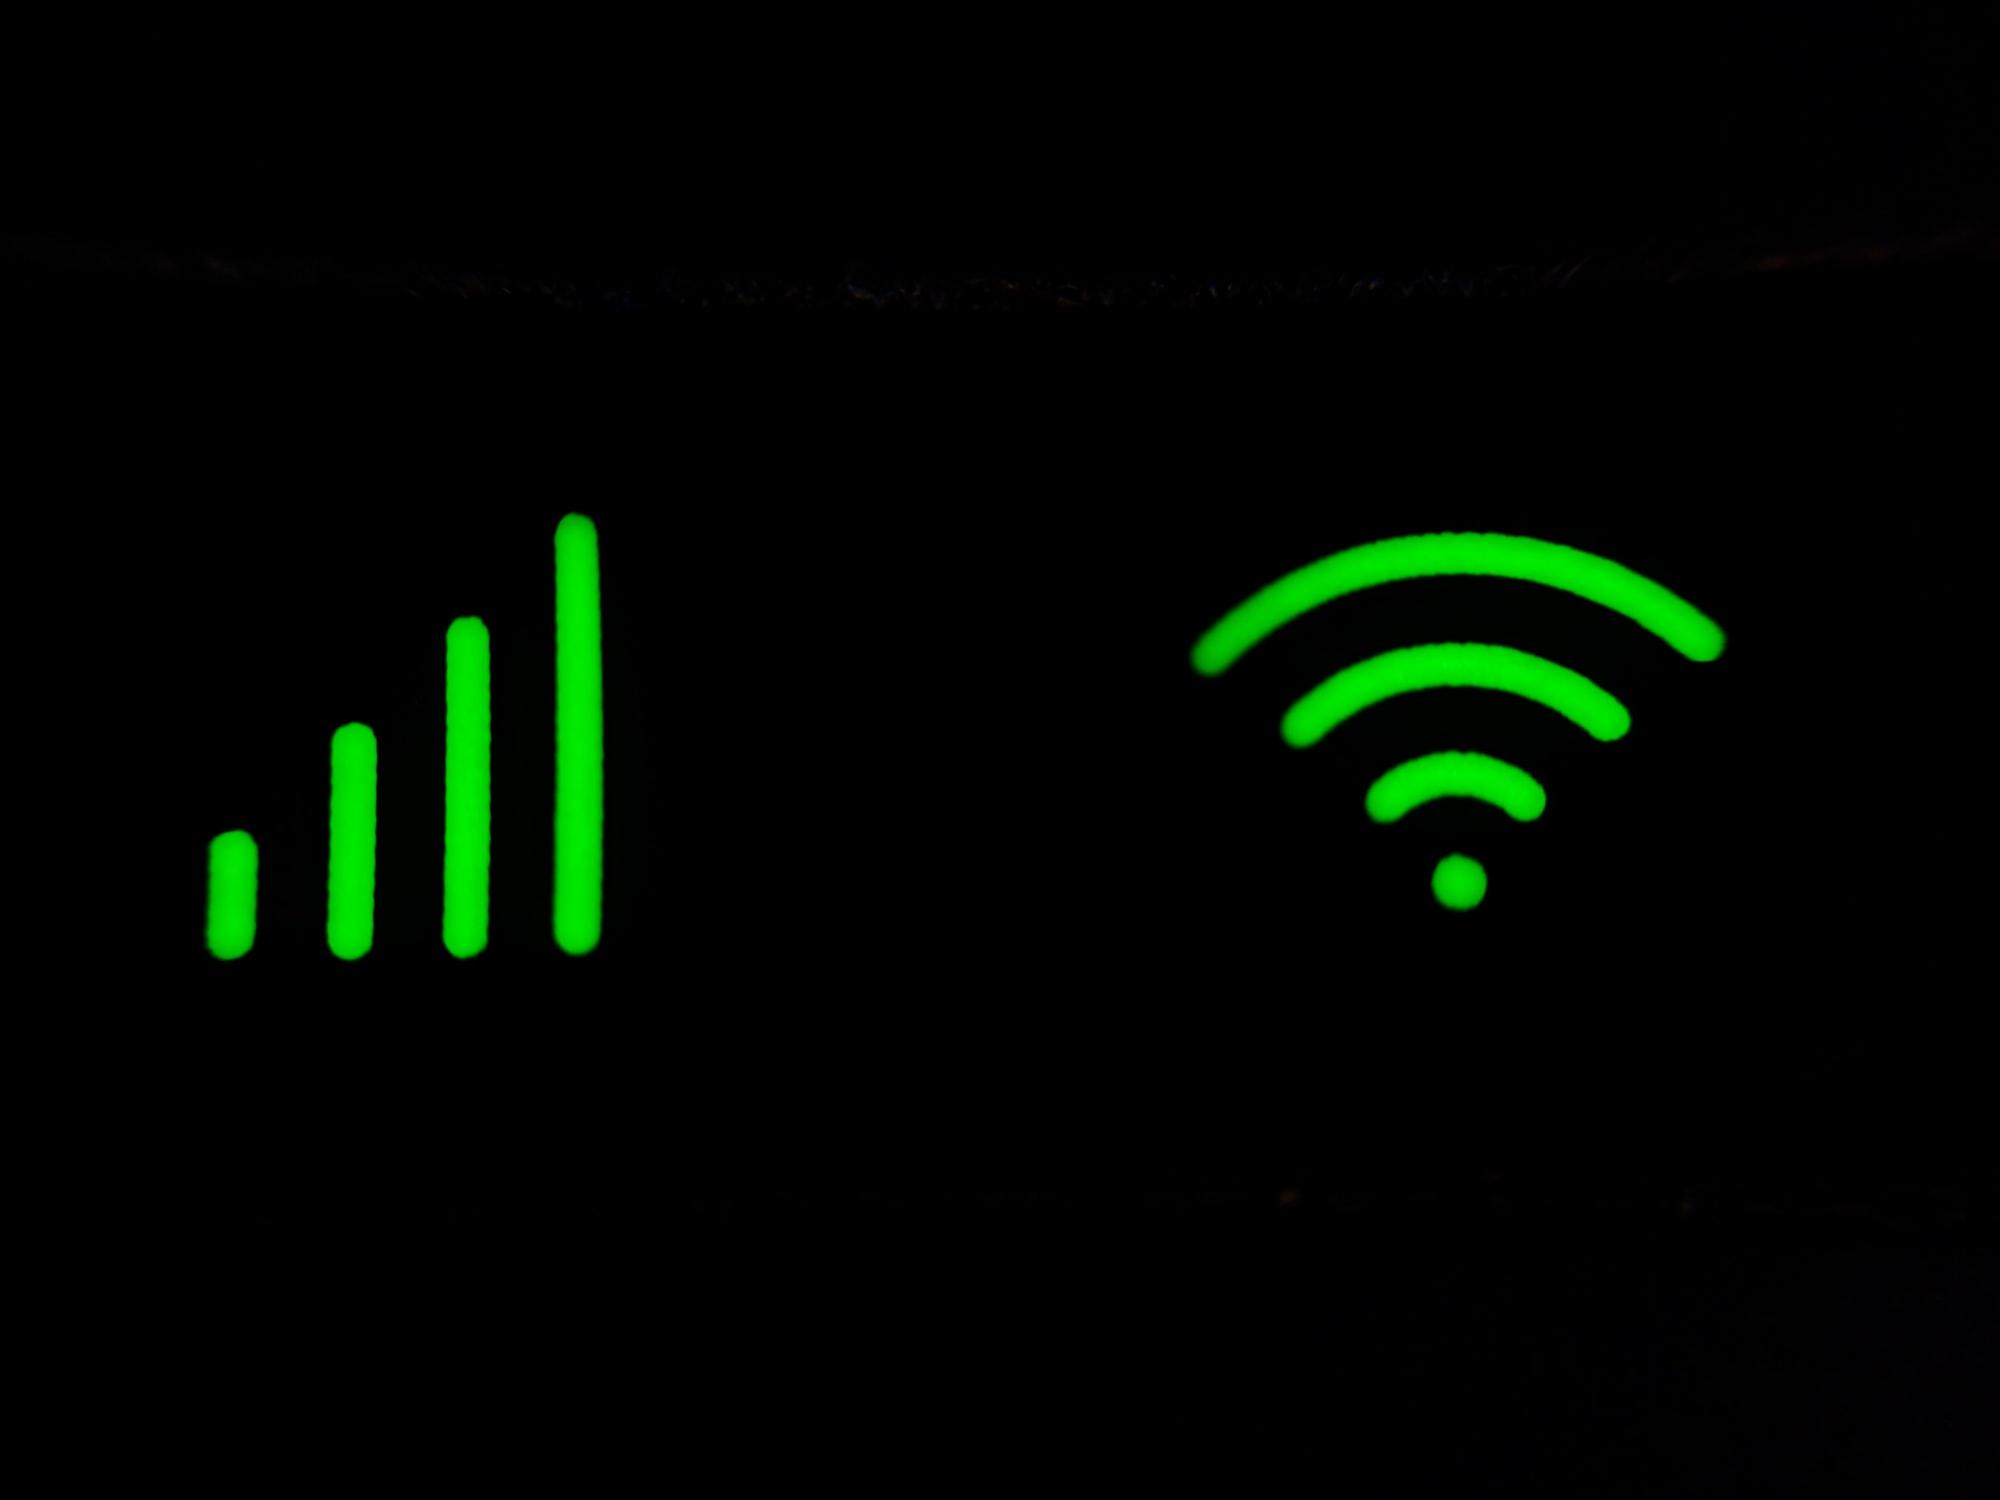 Sharik кроссплатформенное решение для обмена файлами через Wi-Fi или Mobile Hotspot